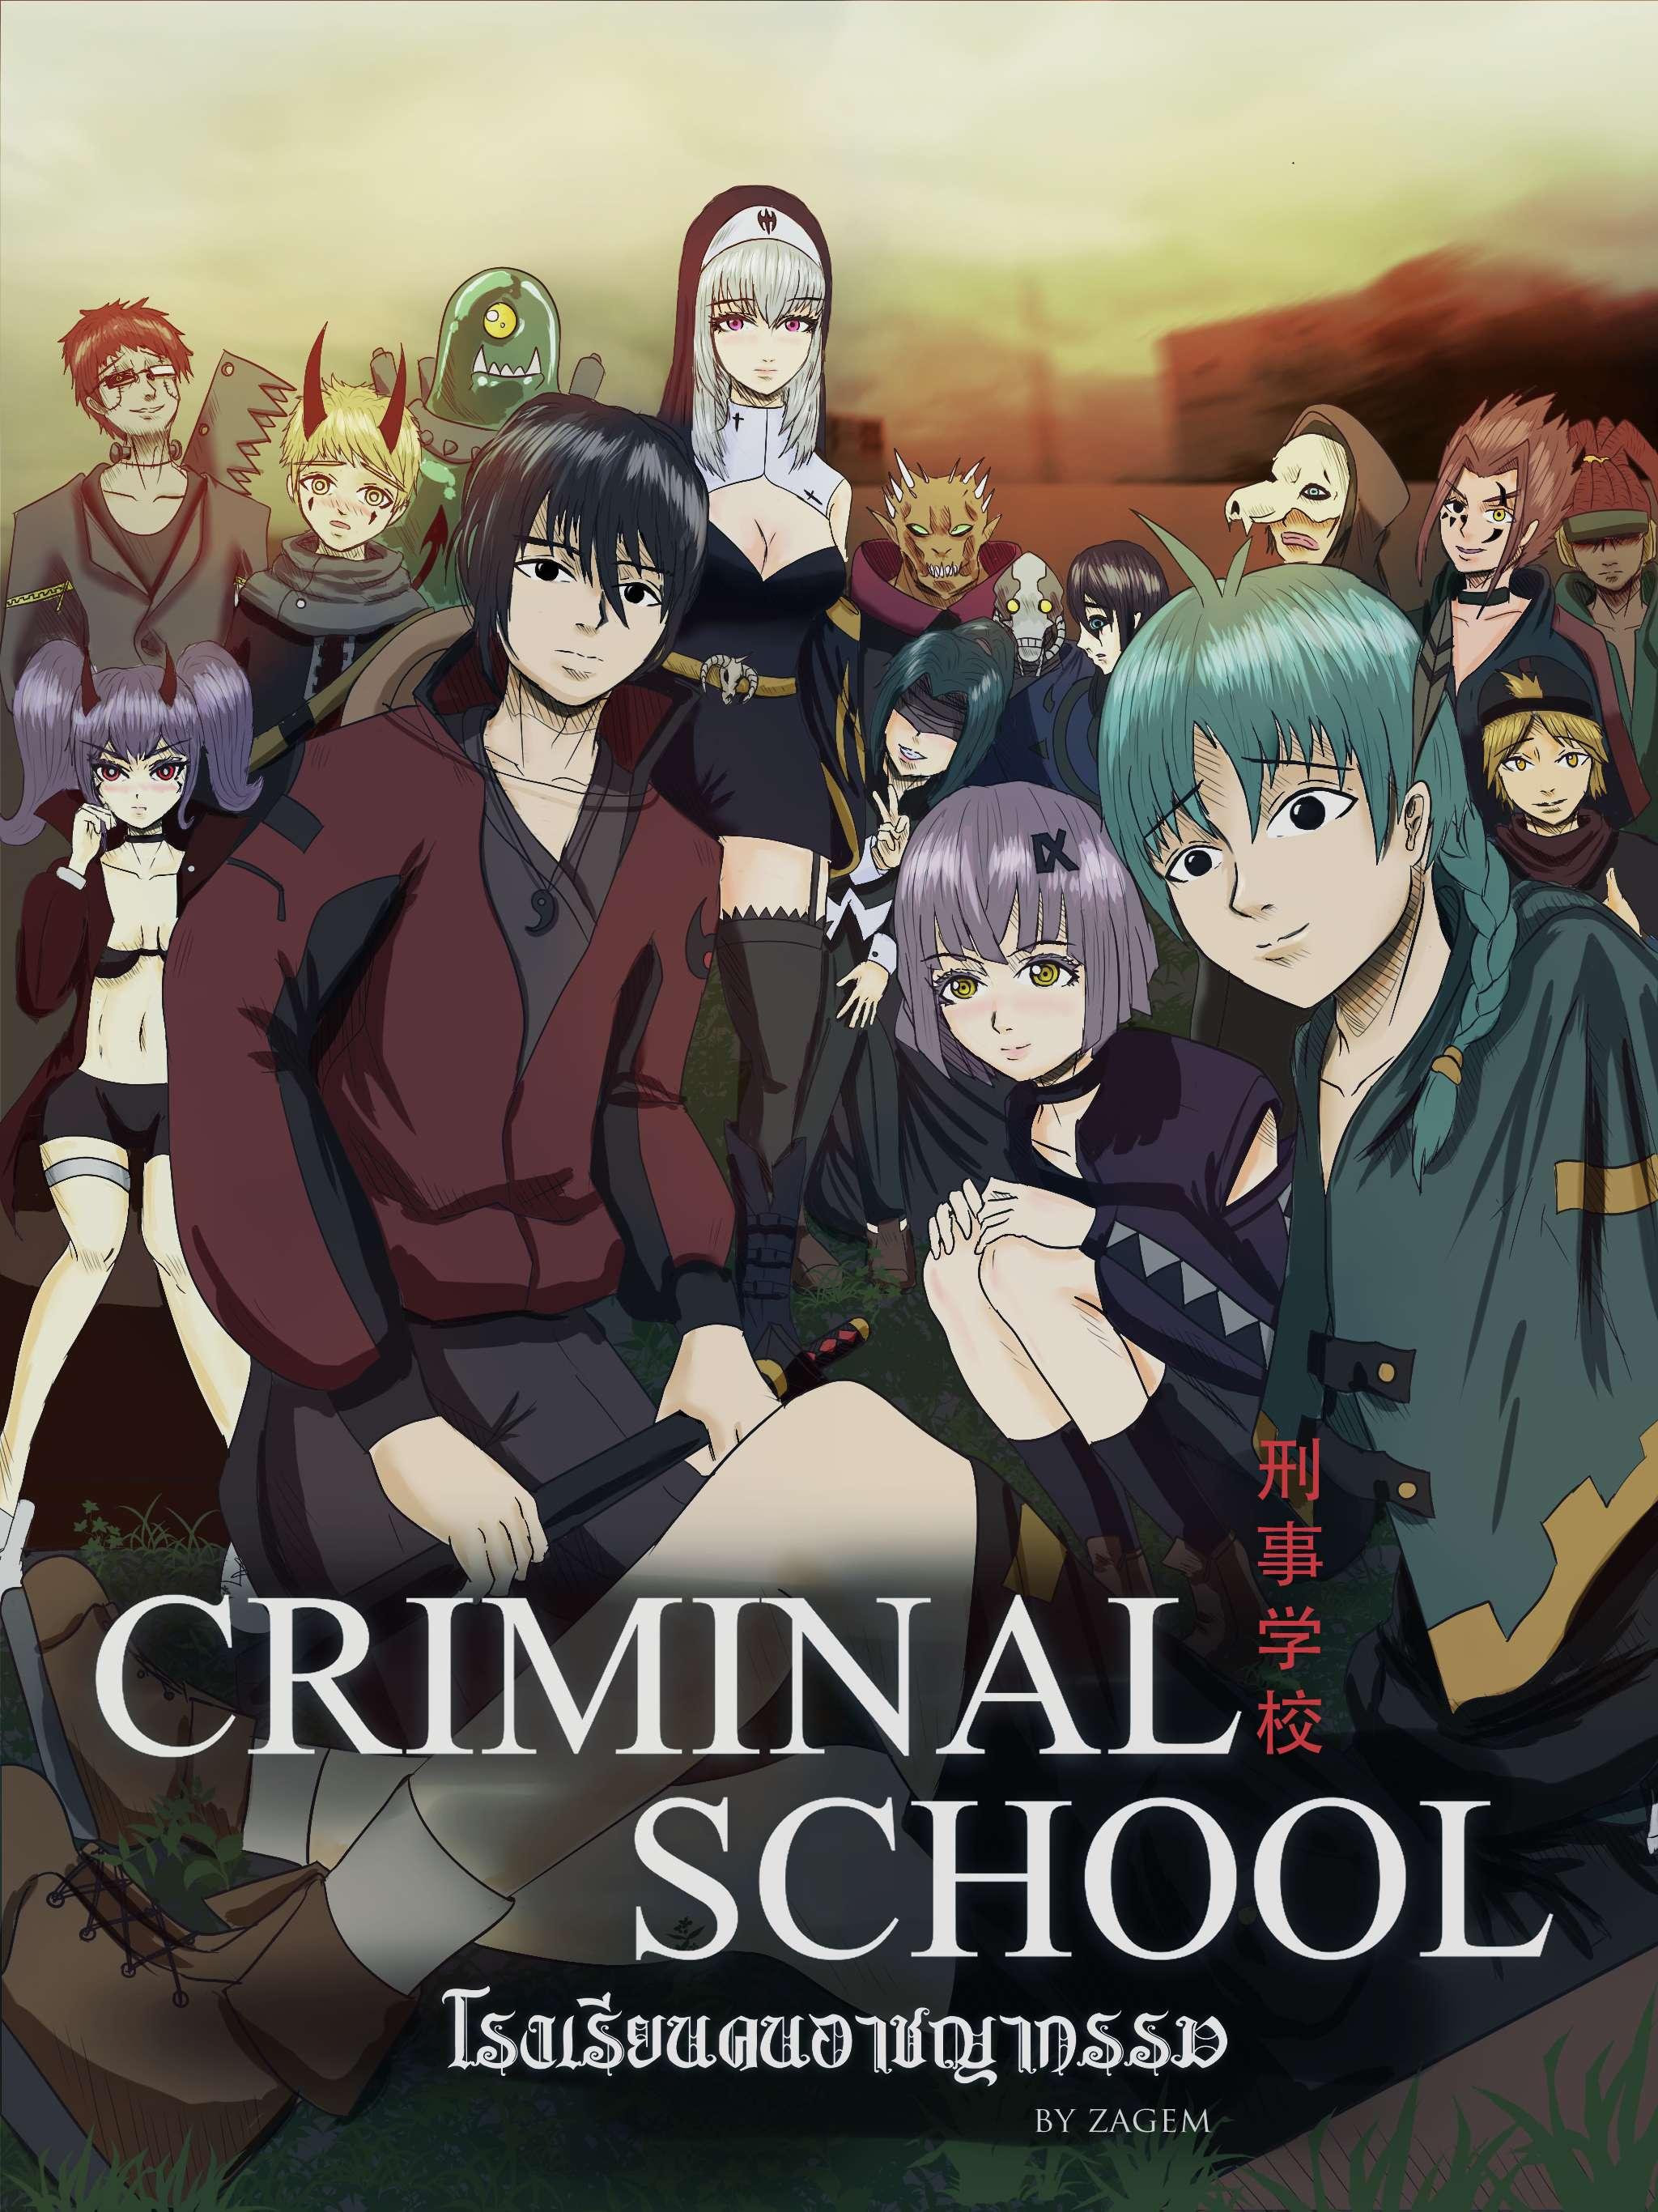 โรงเรียนคนอาชญากรรม CRIMINAL SCHOOL